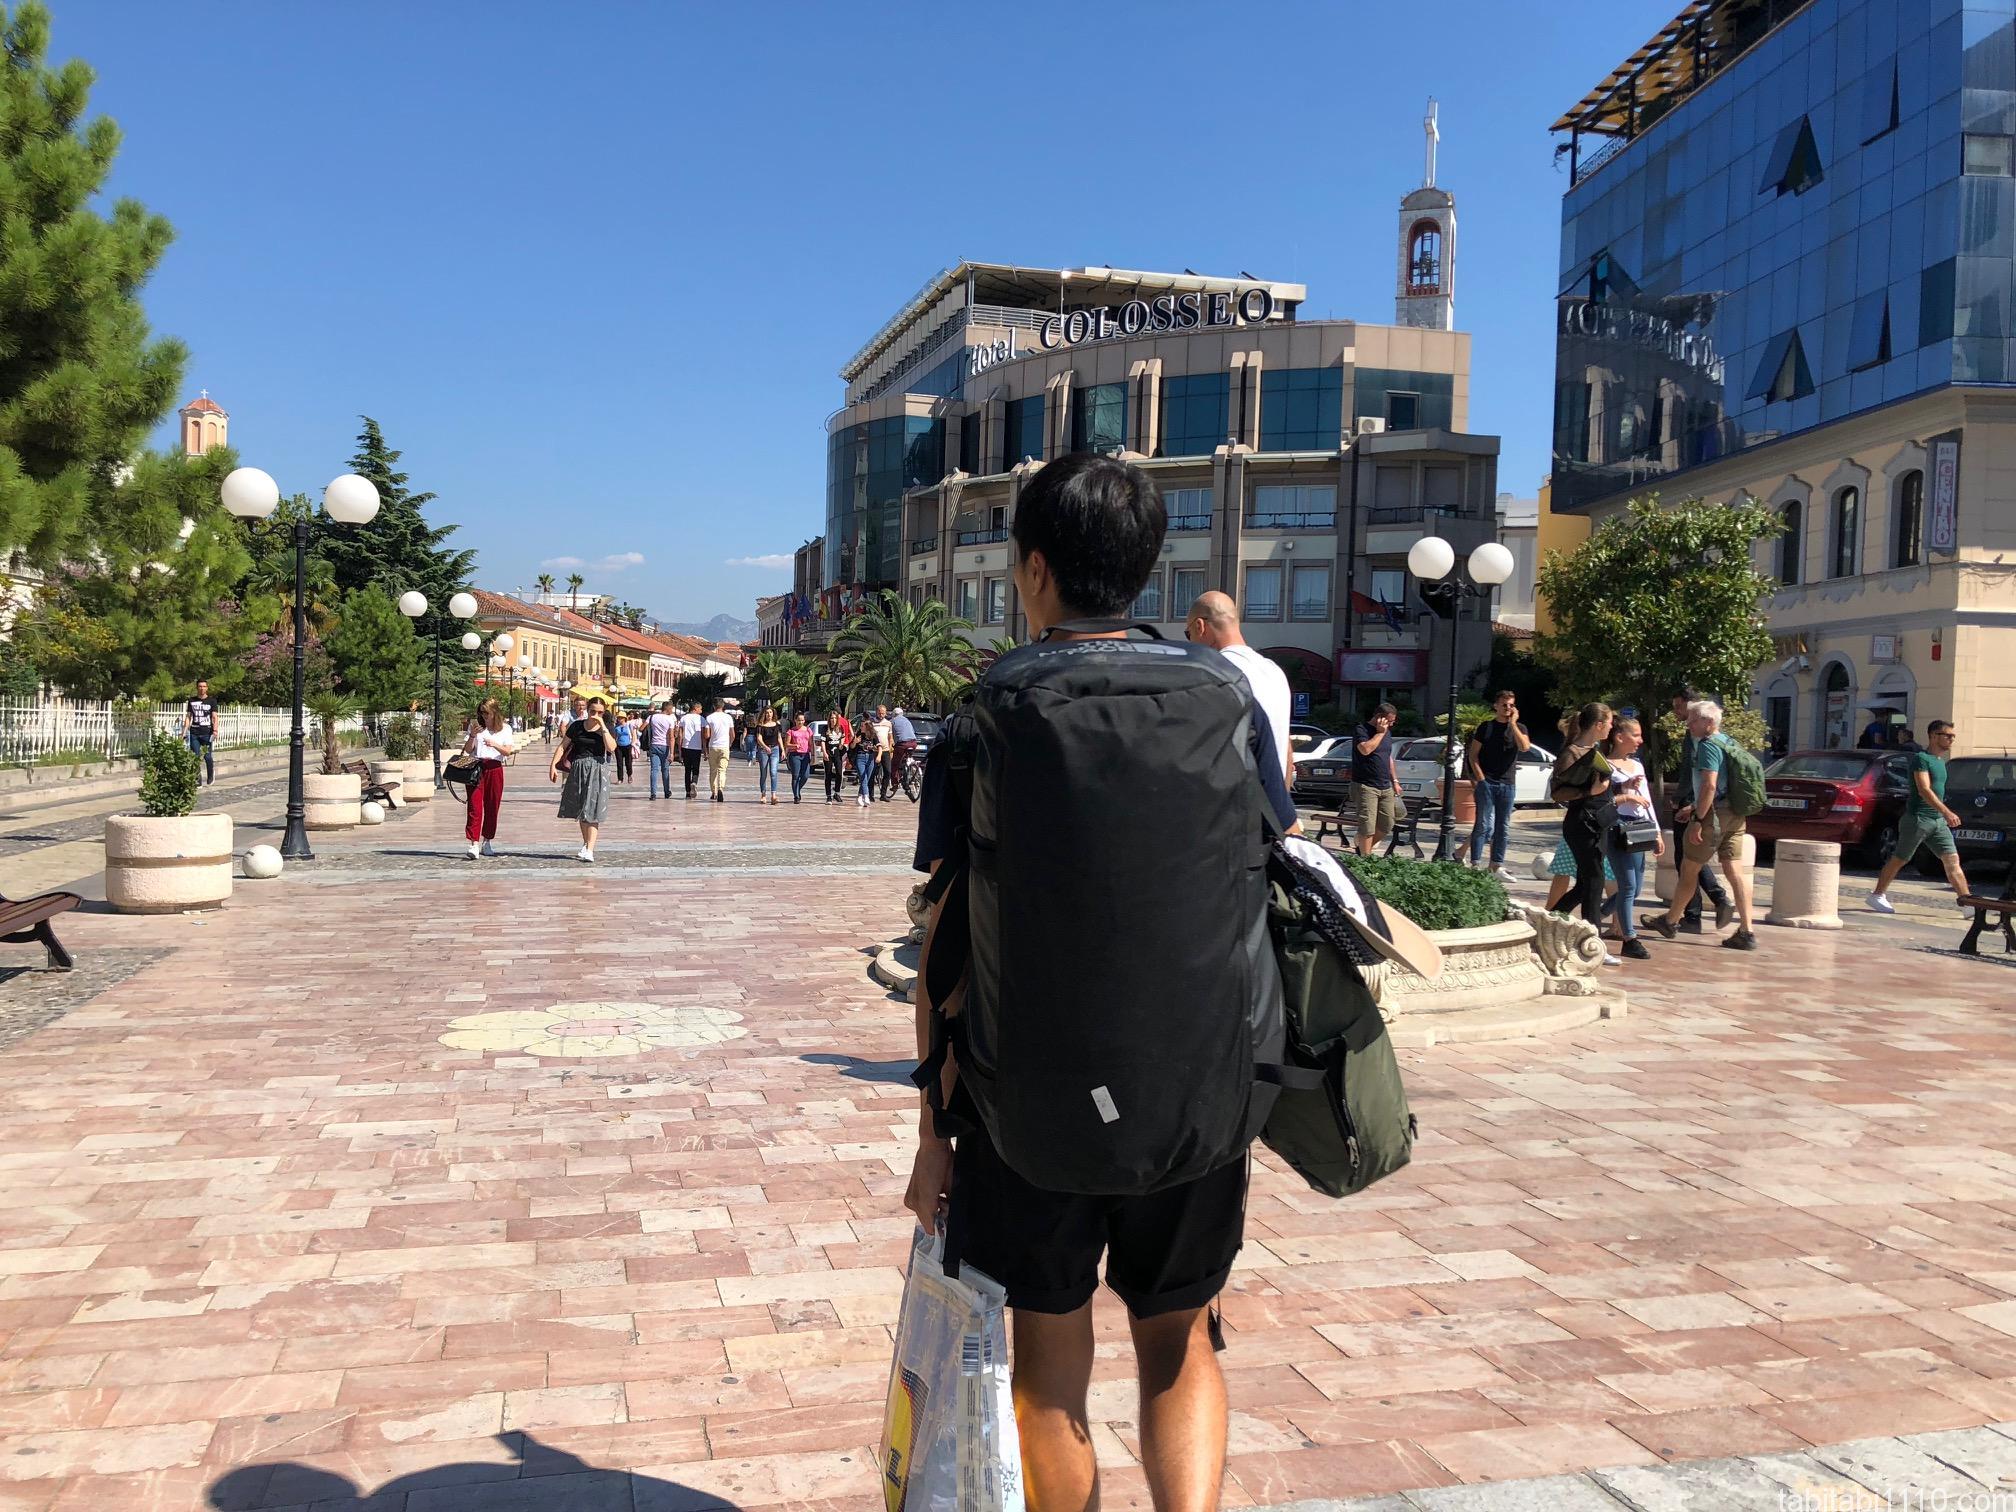 コトルからシュコドラ|シュコドラの街並み